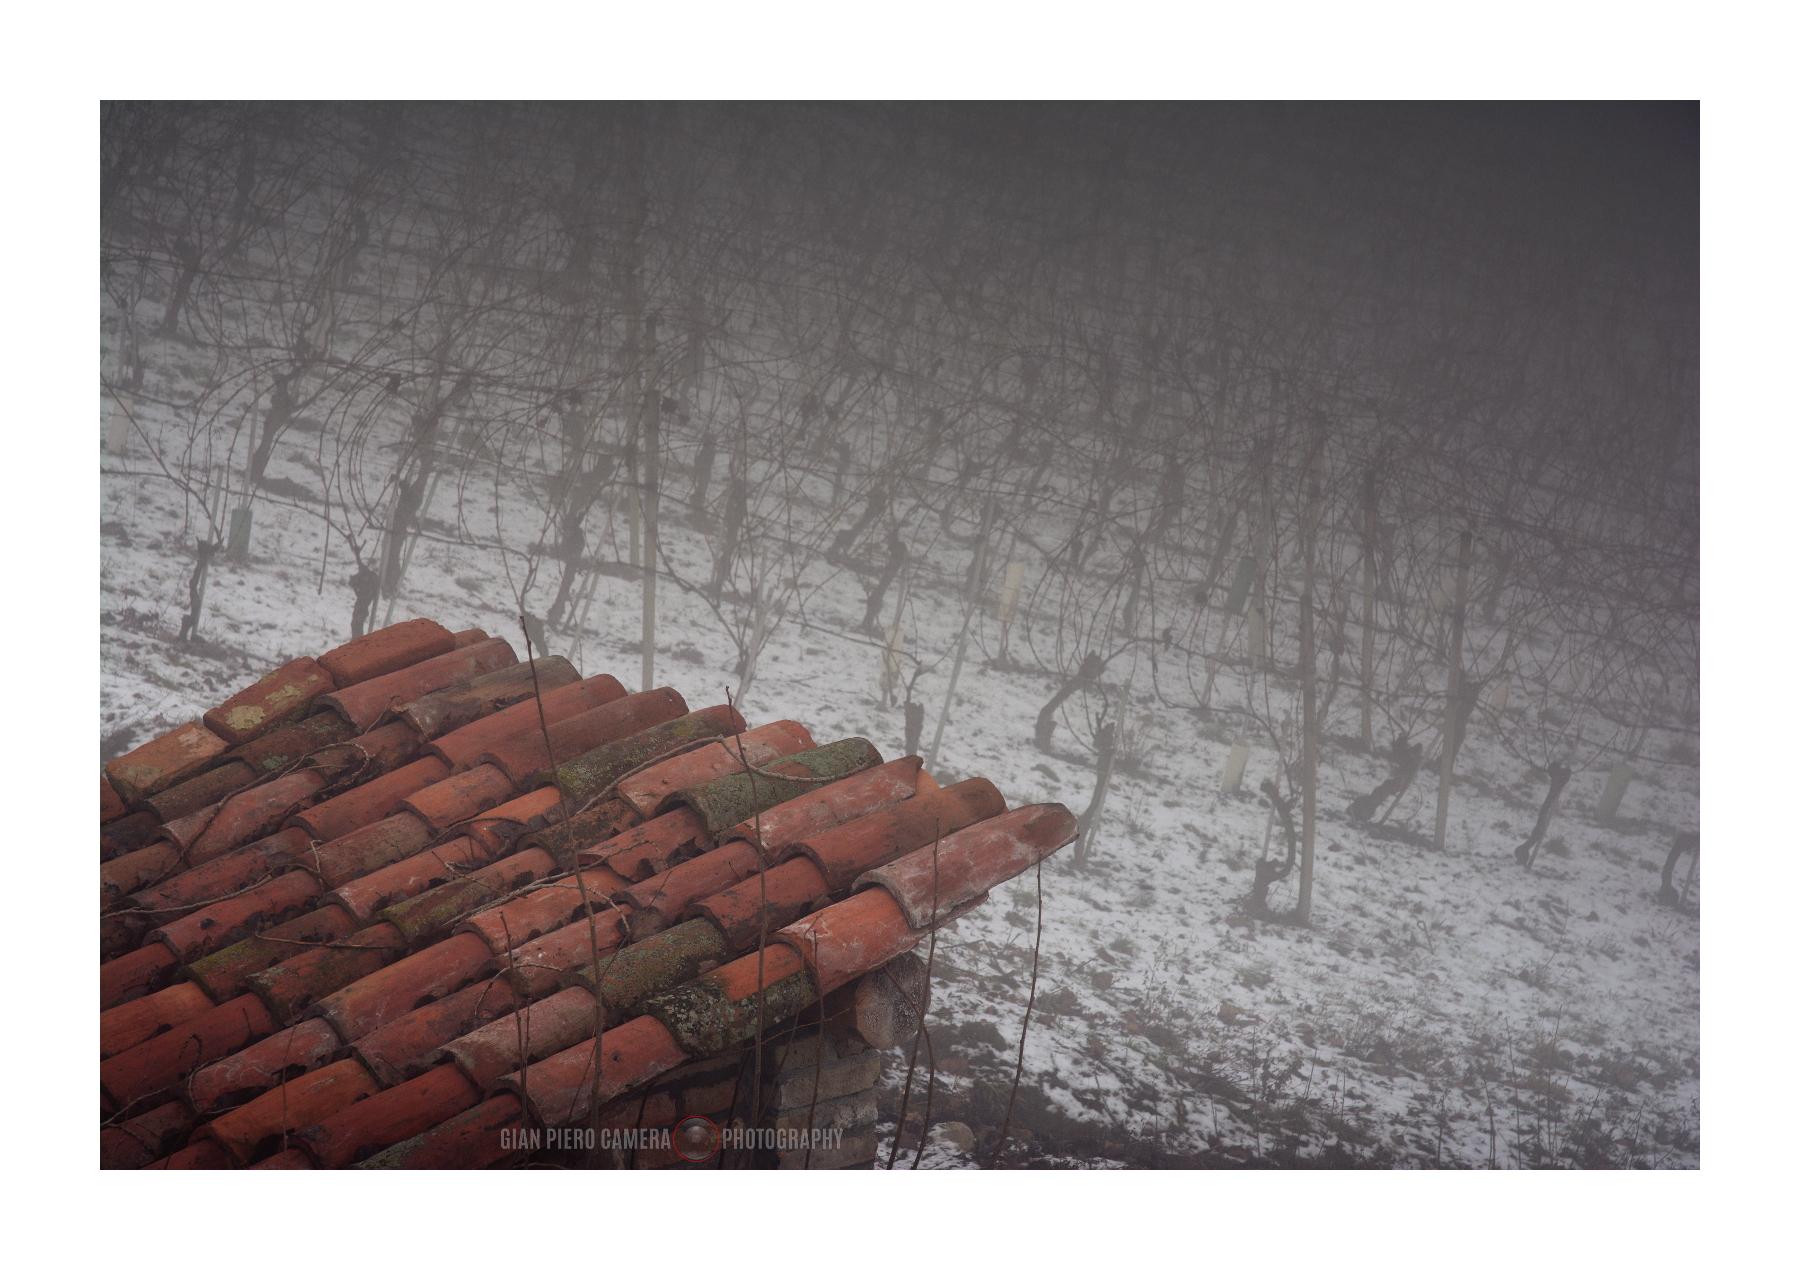 Sfondi nikond sigma contemporary rosso grigio tetto